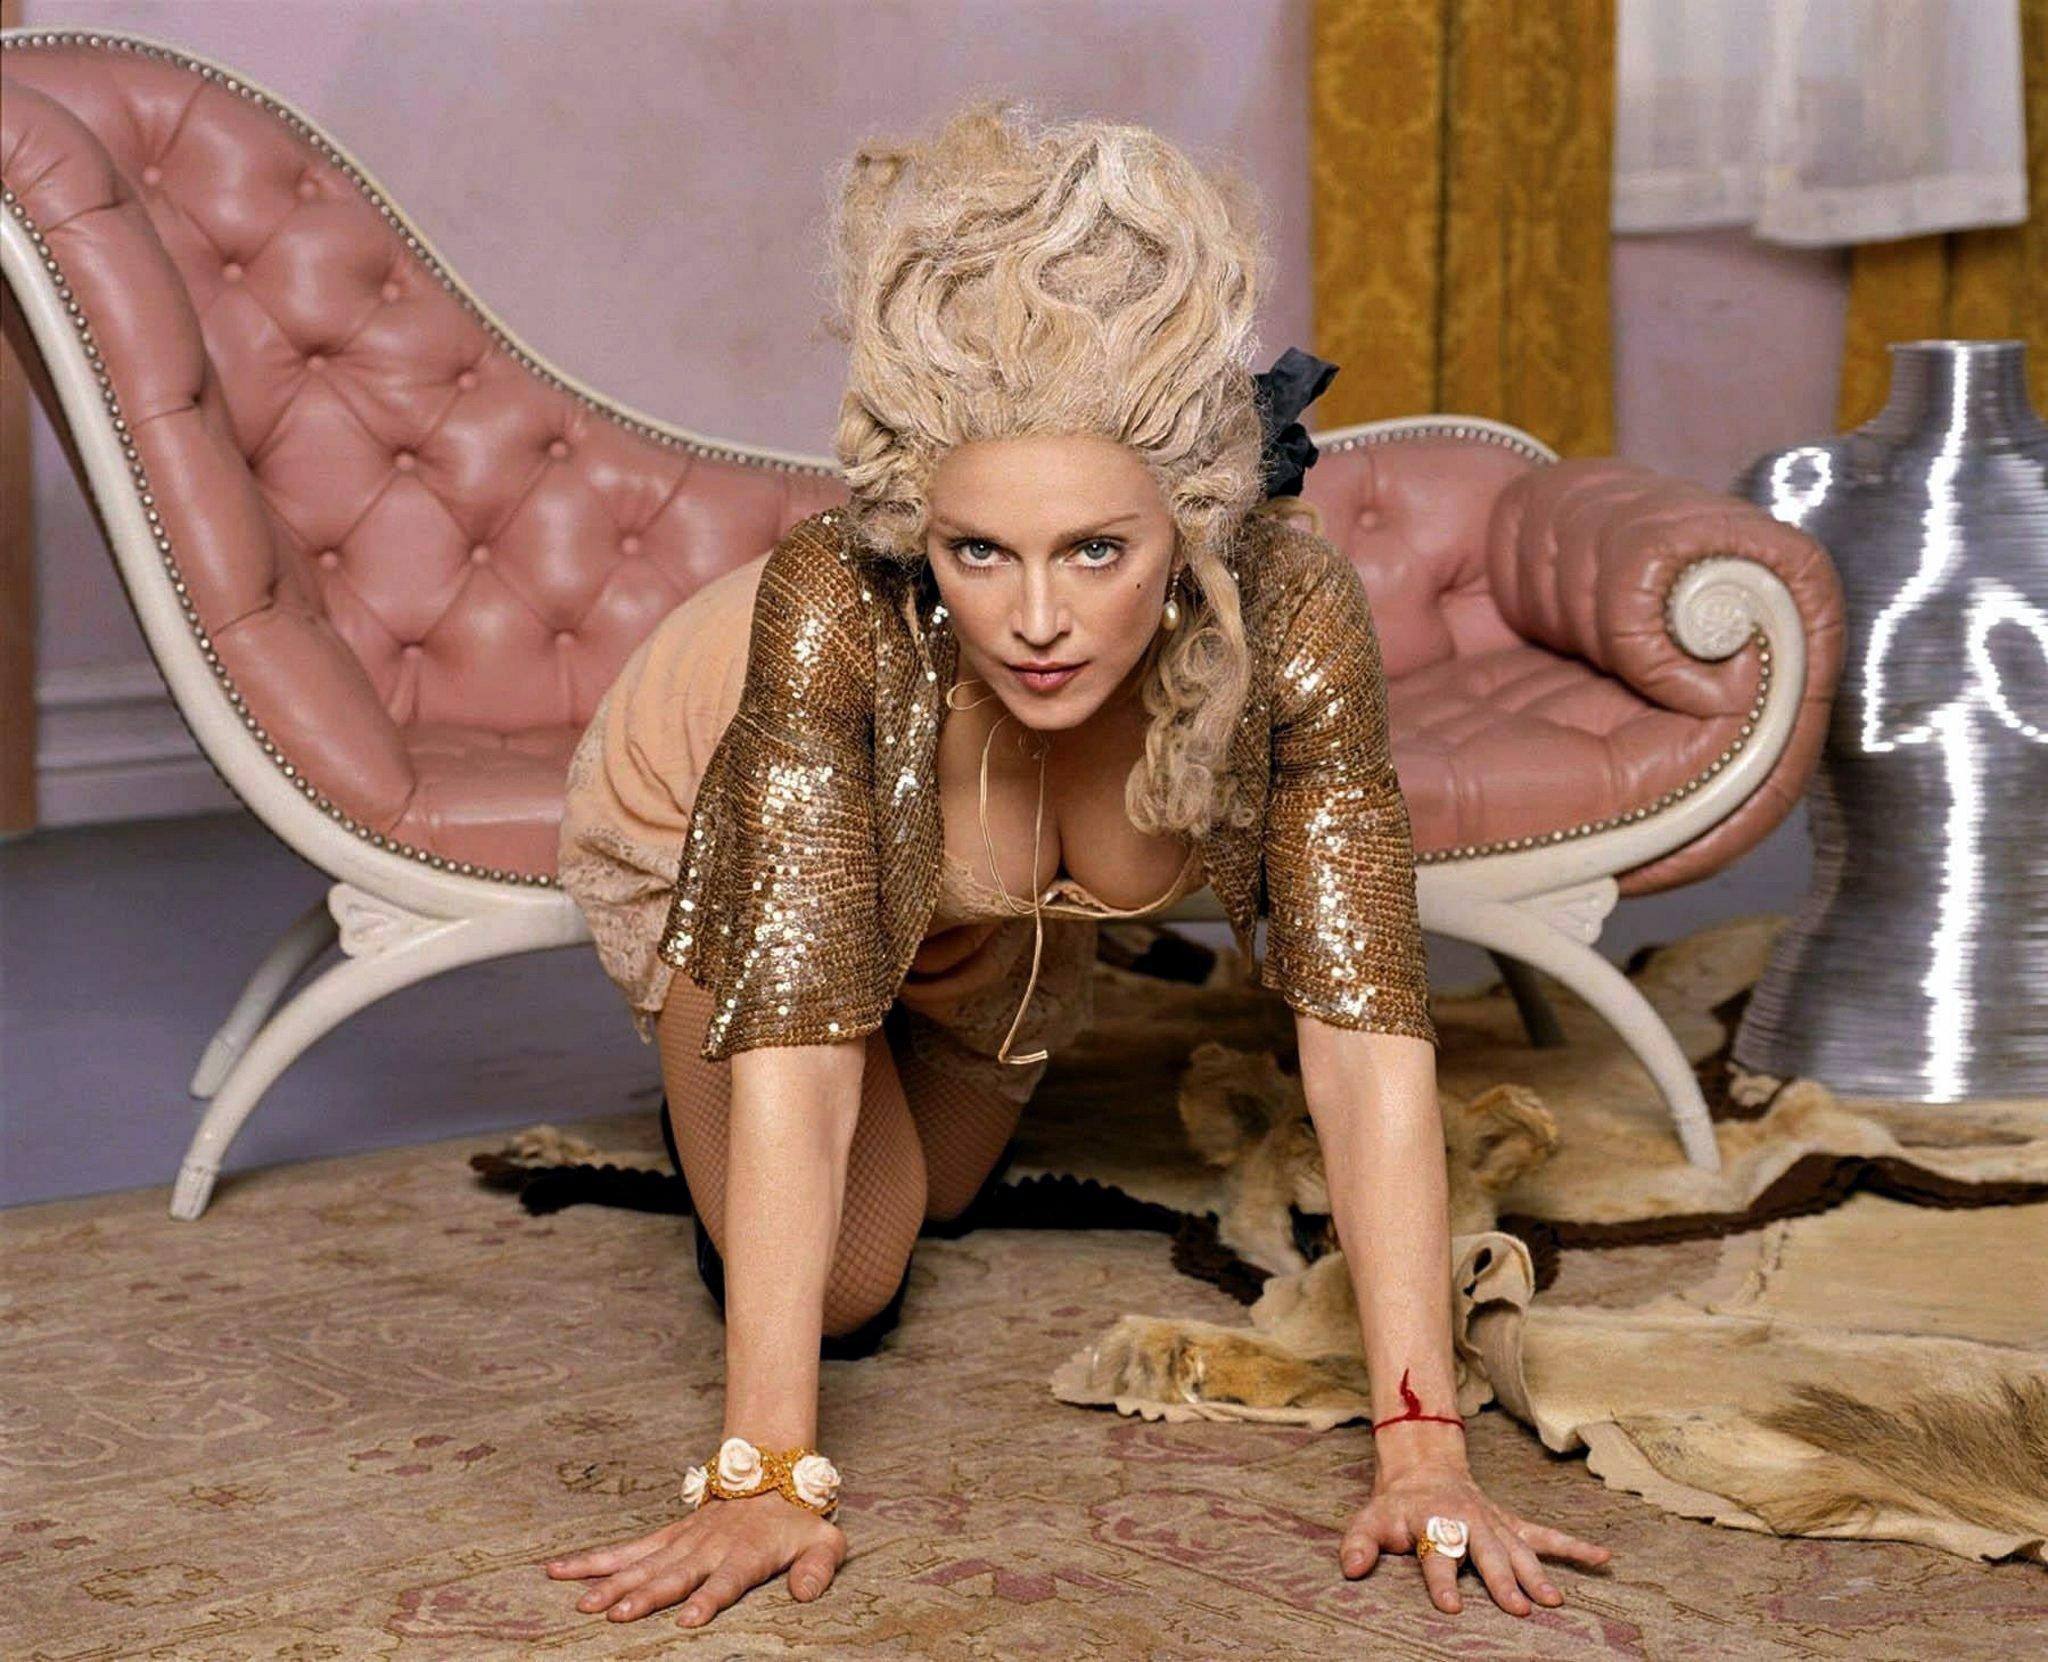 Das am 22.3.2004 undatierte MBC-Handout zeigt Madonna, die für ihre re-invention-Tournee in diesem Sommer wirbt. Nach einer